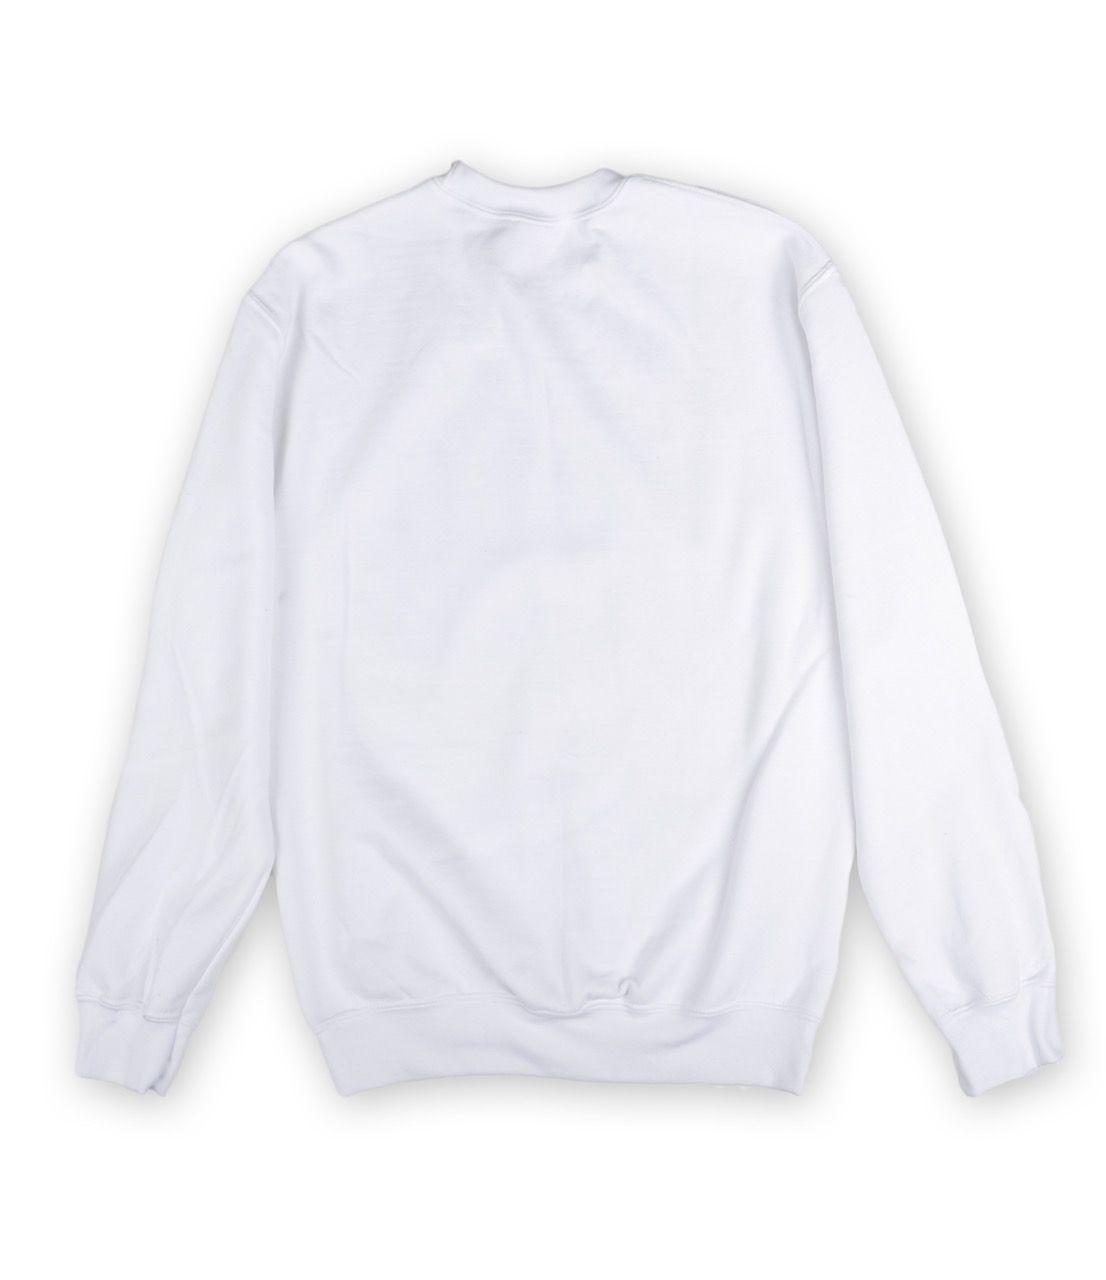 Poloshow Sweater white 2